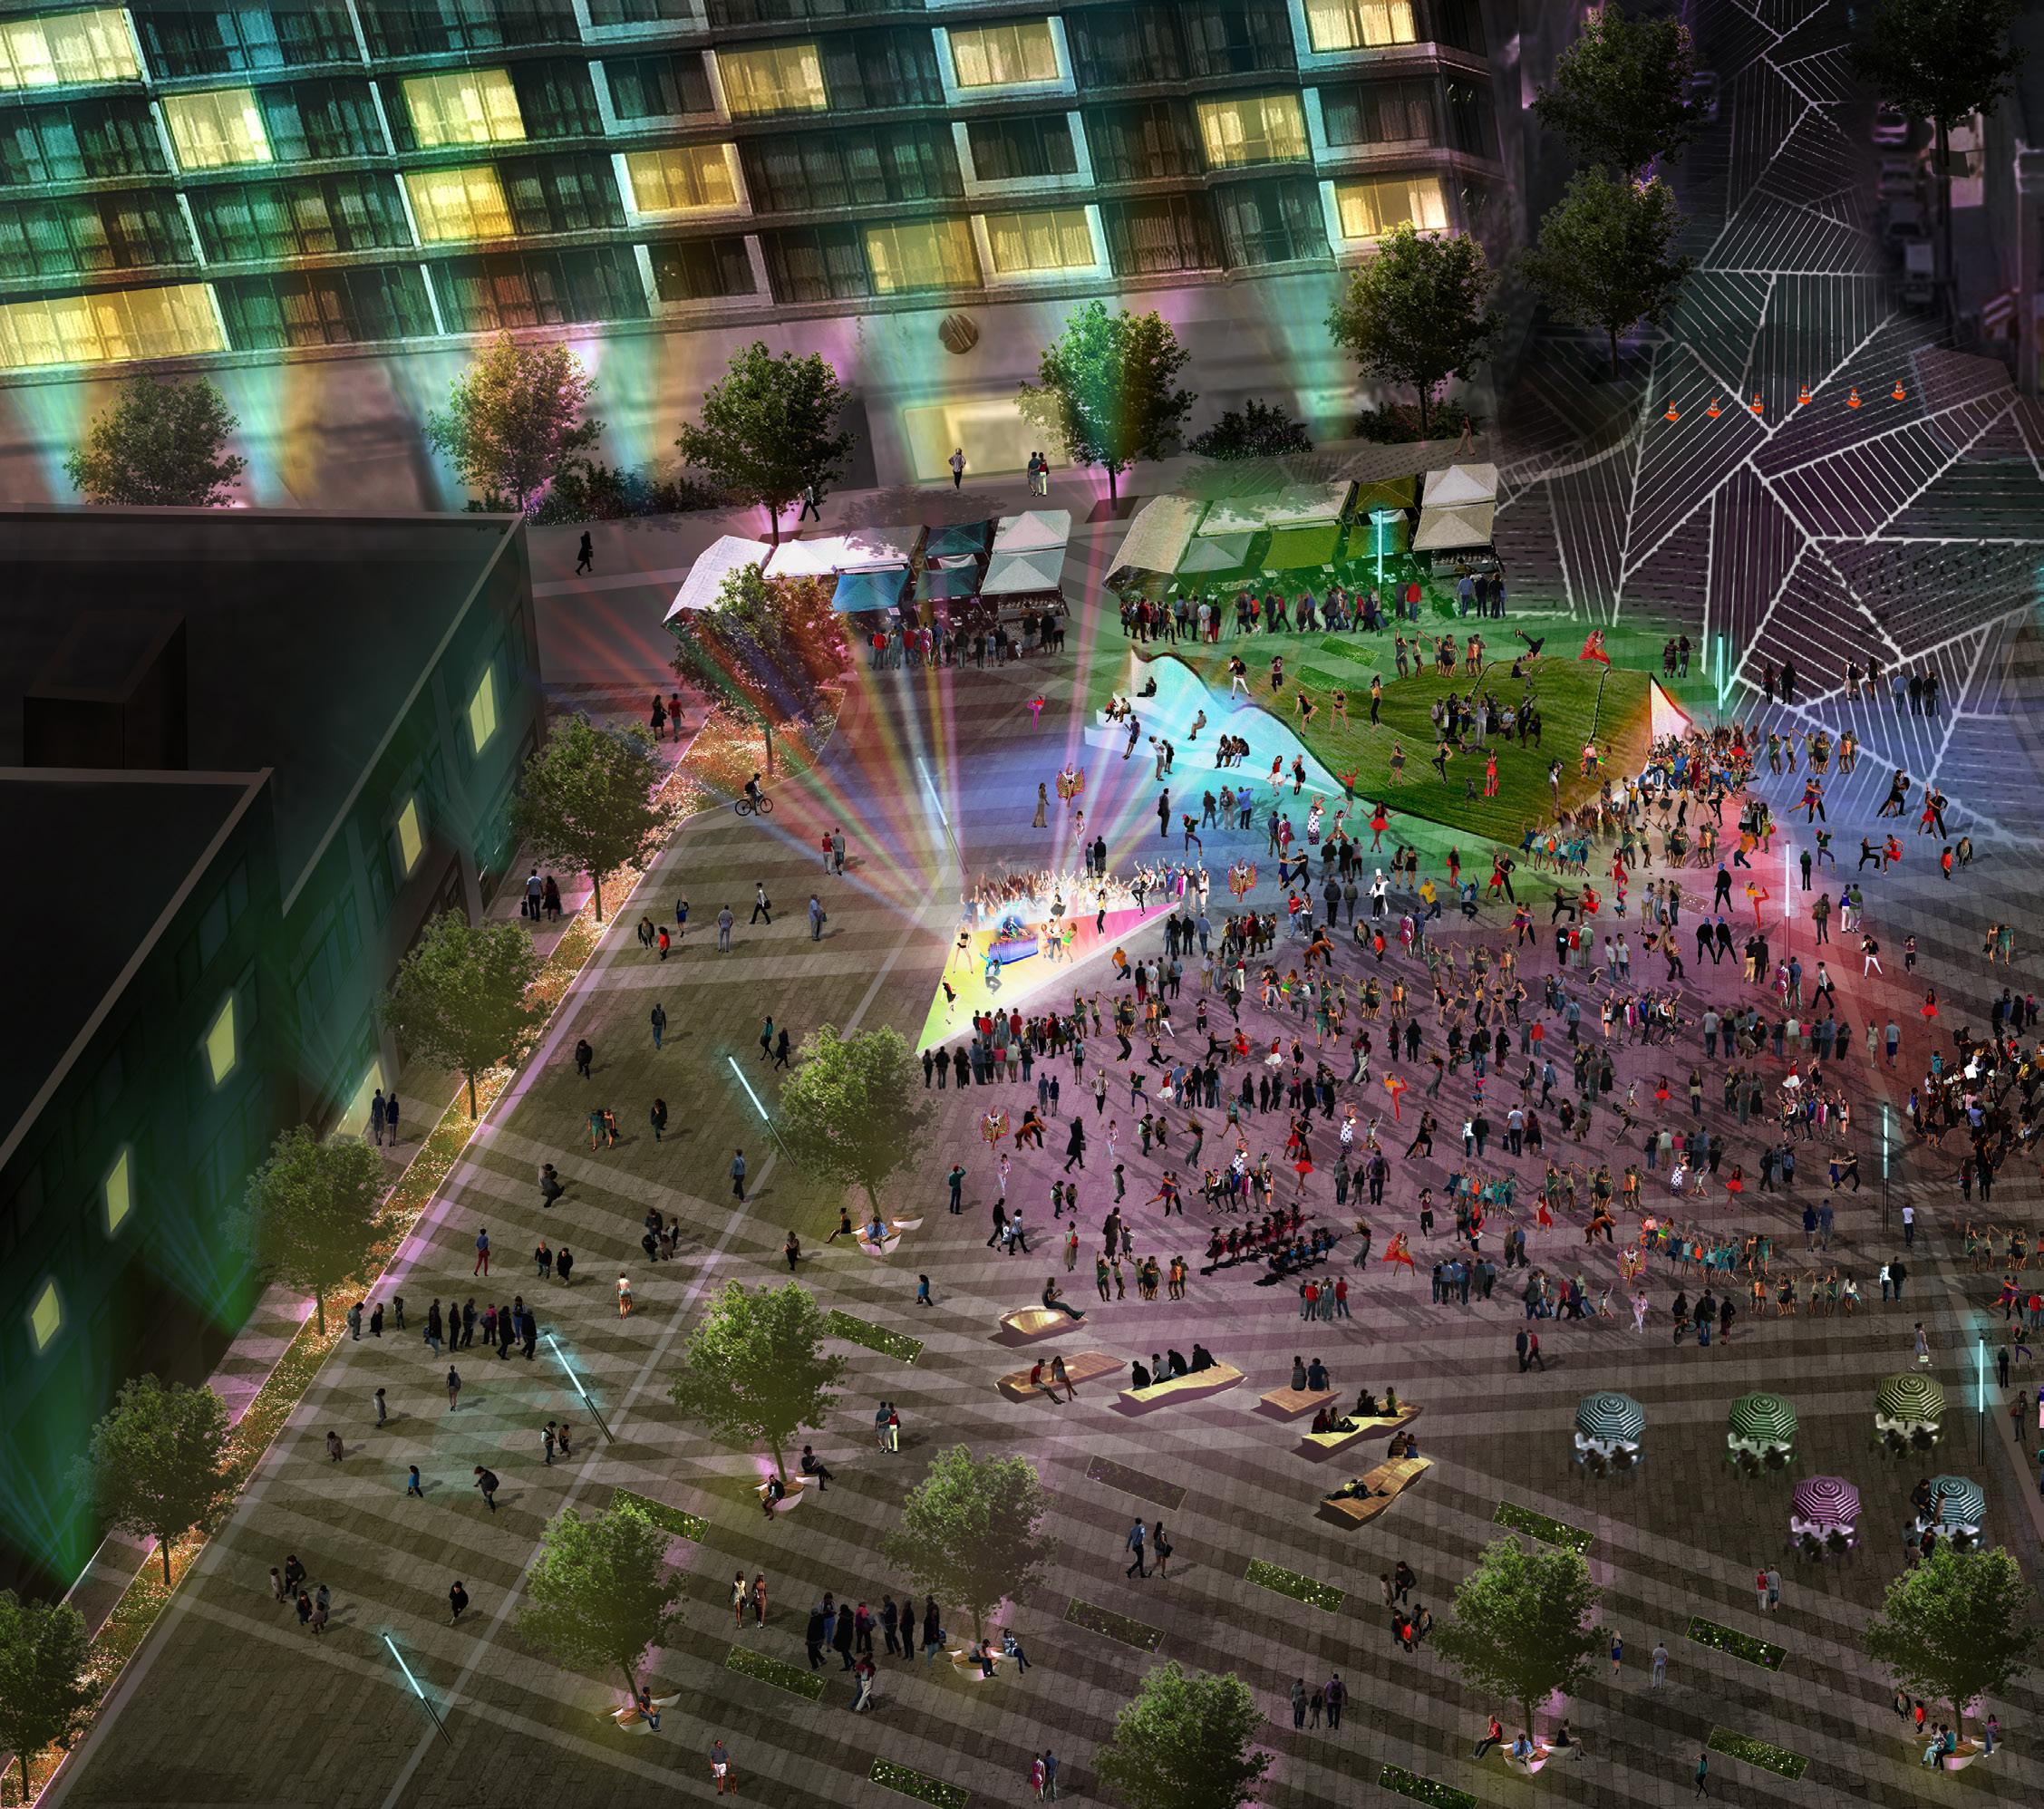 CCB Plaza Vision